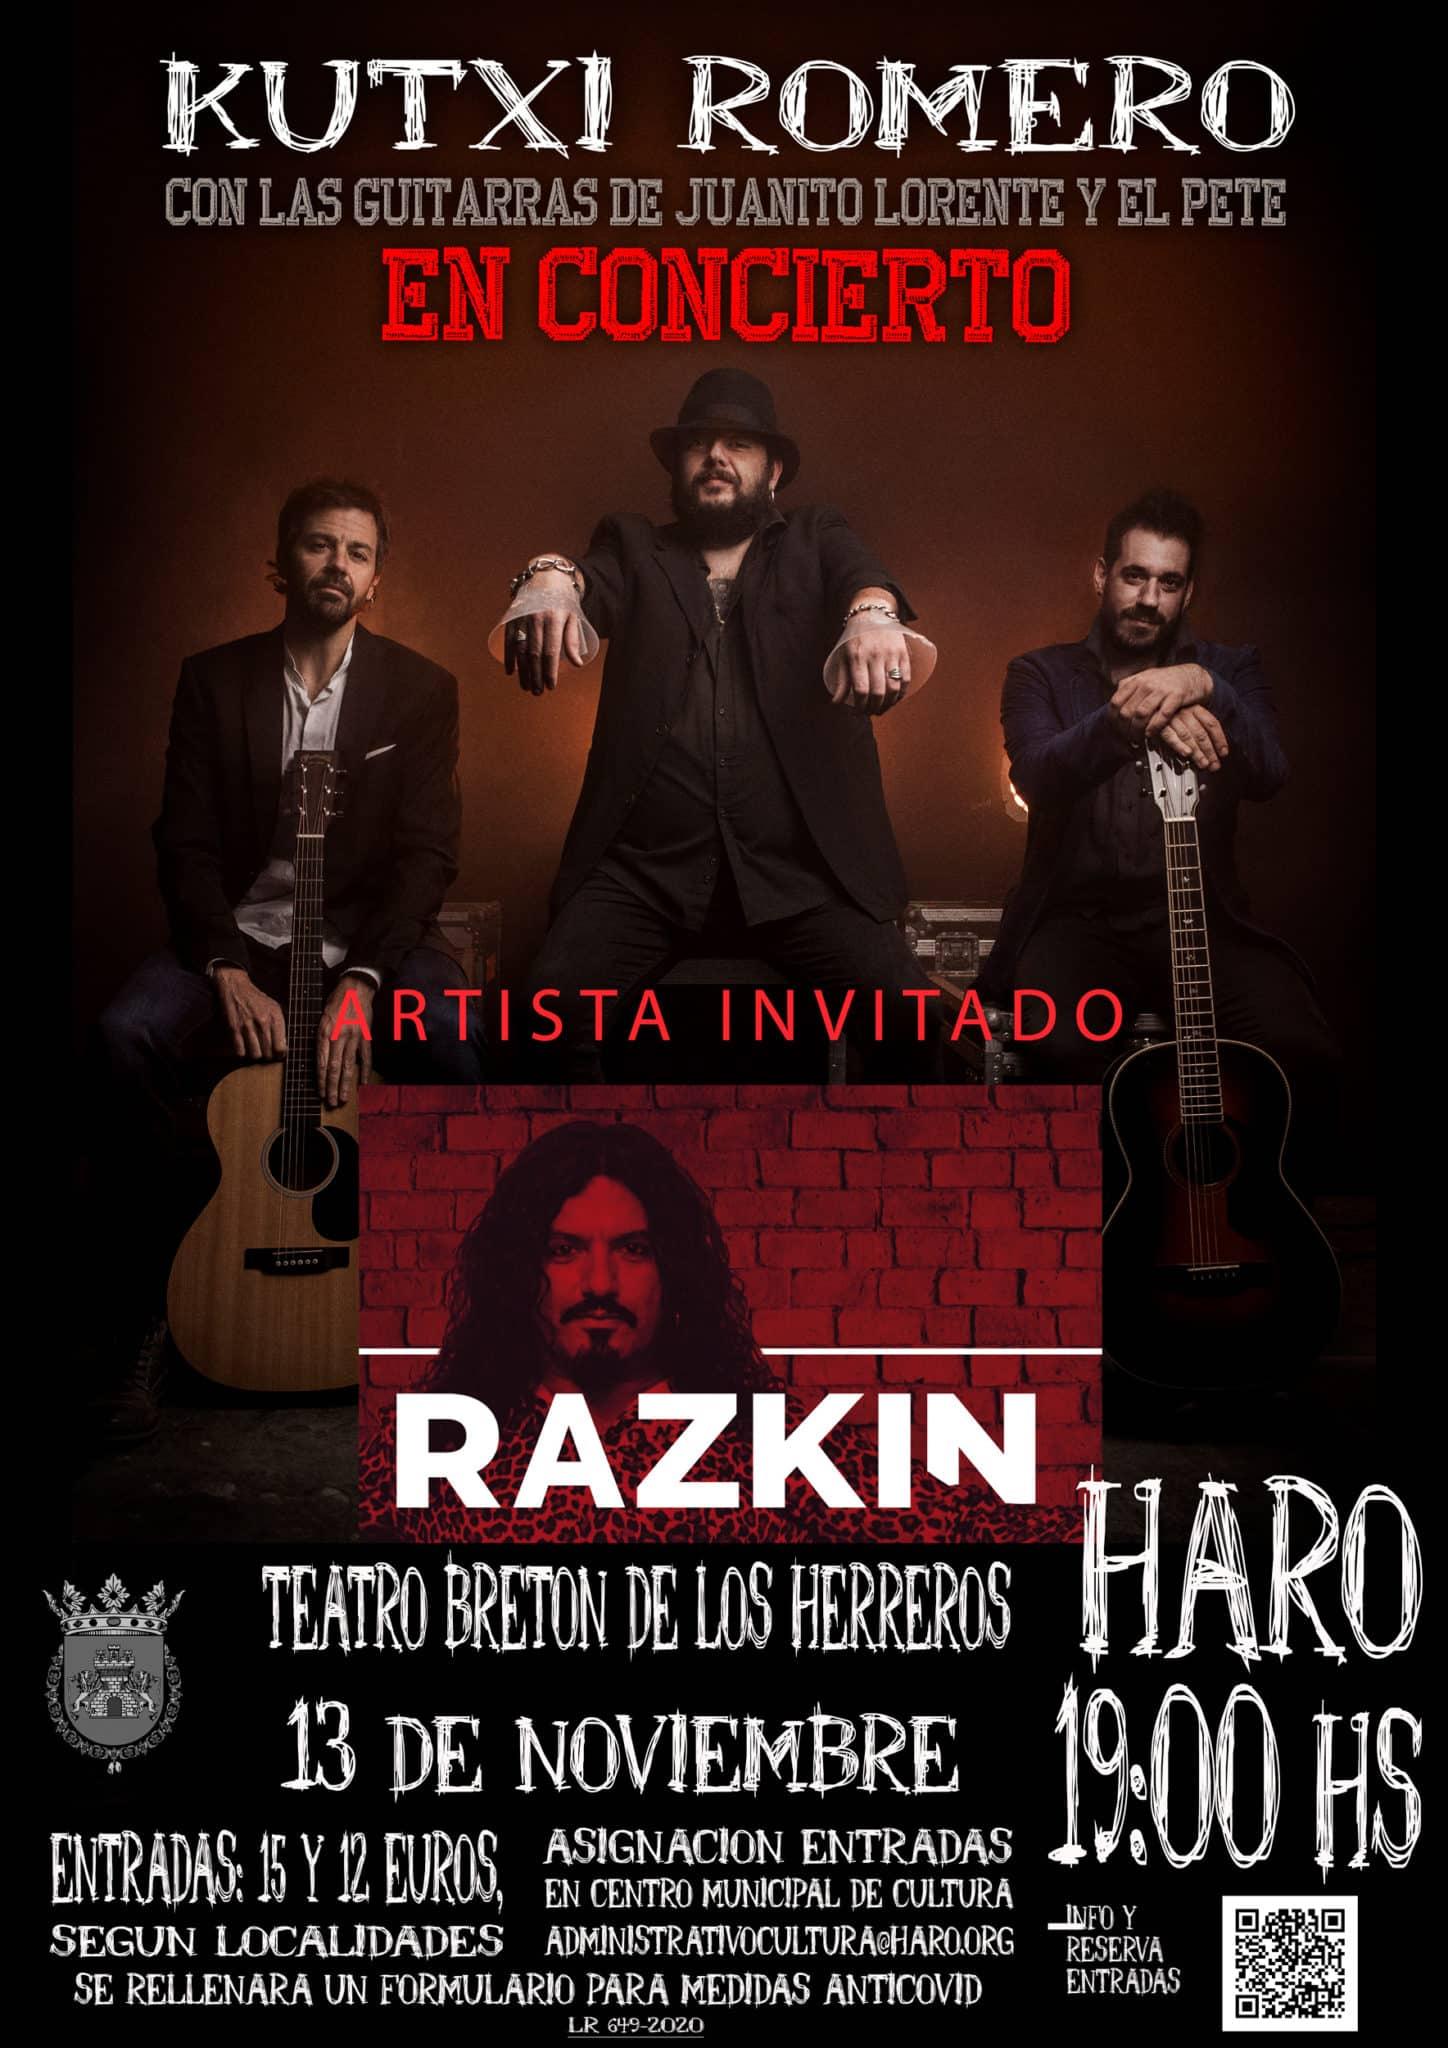 El concierto de Kutxi Romero en Haro adelanta aún más su horario 1